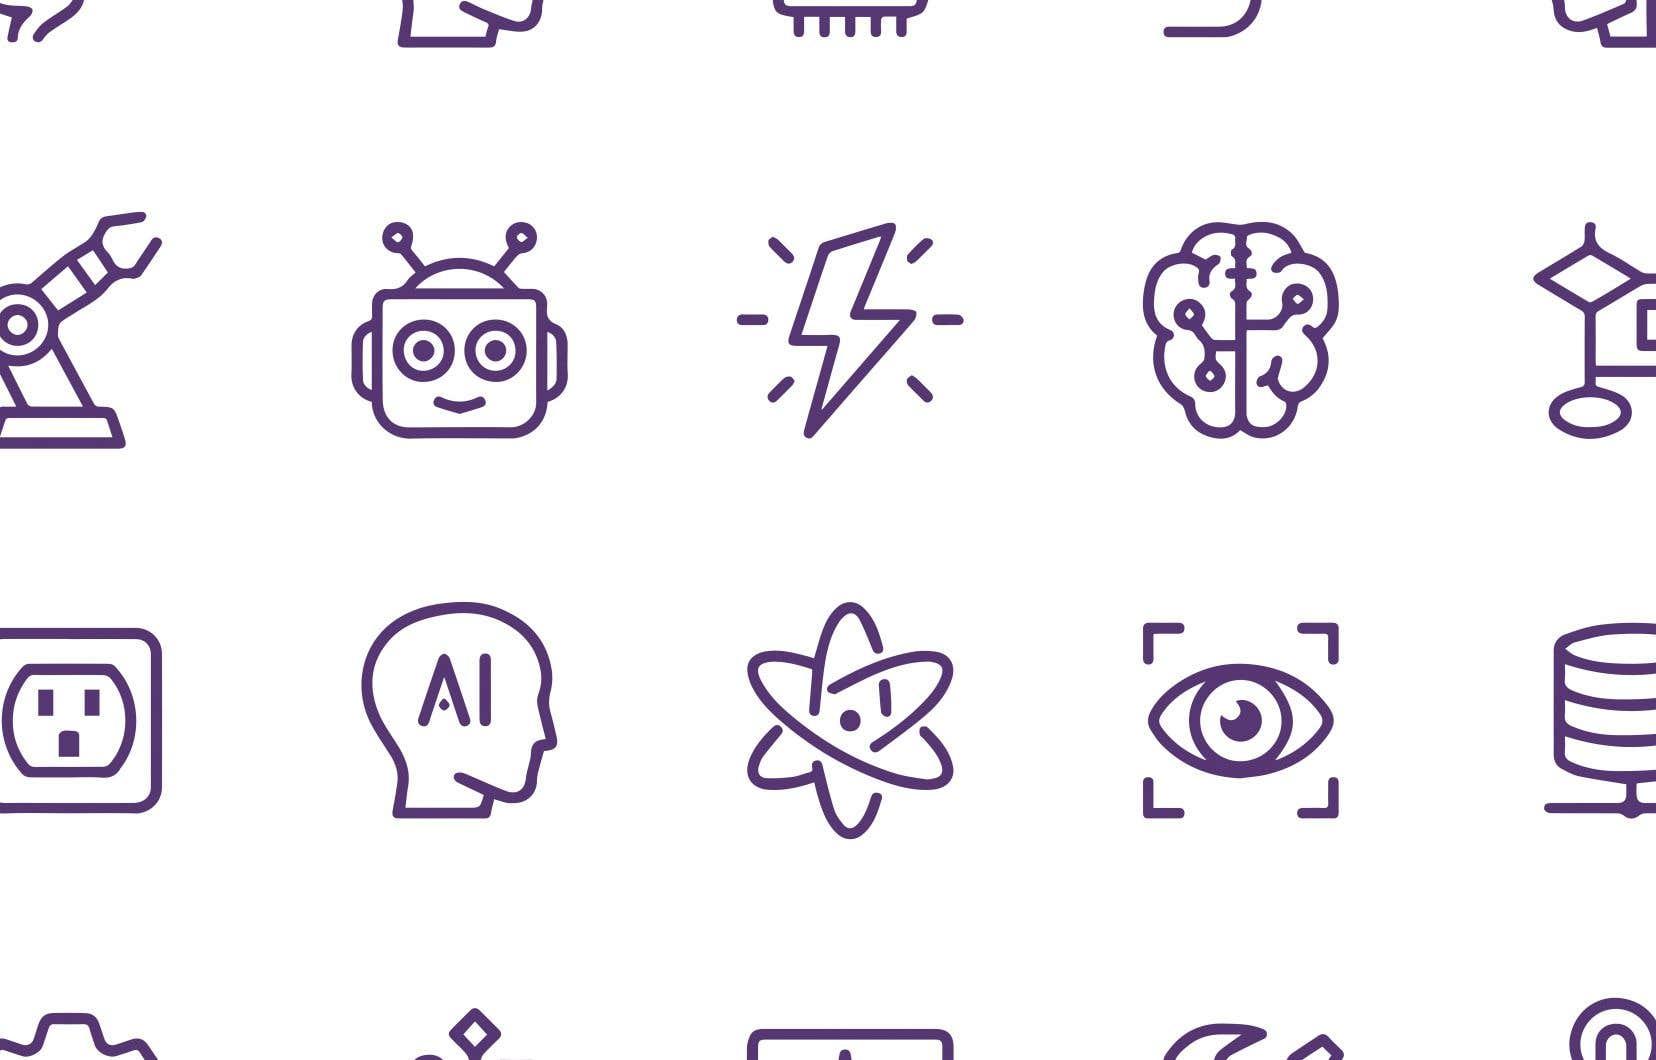 Concrètement, ça se traduit comment, l'utilisation de l'intelligence artificielle en ressources humaines? Quelques exemples.